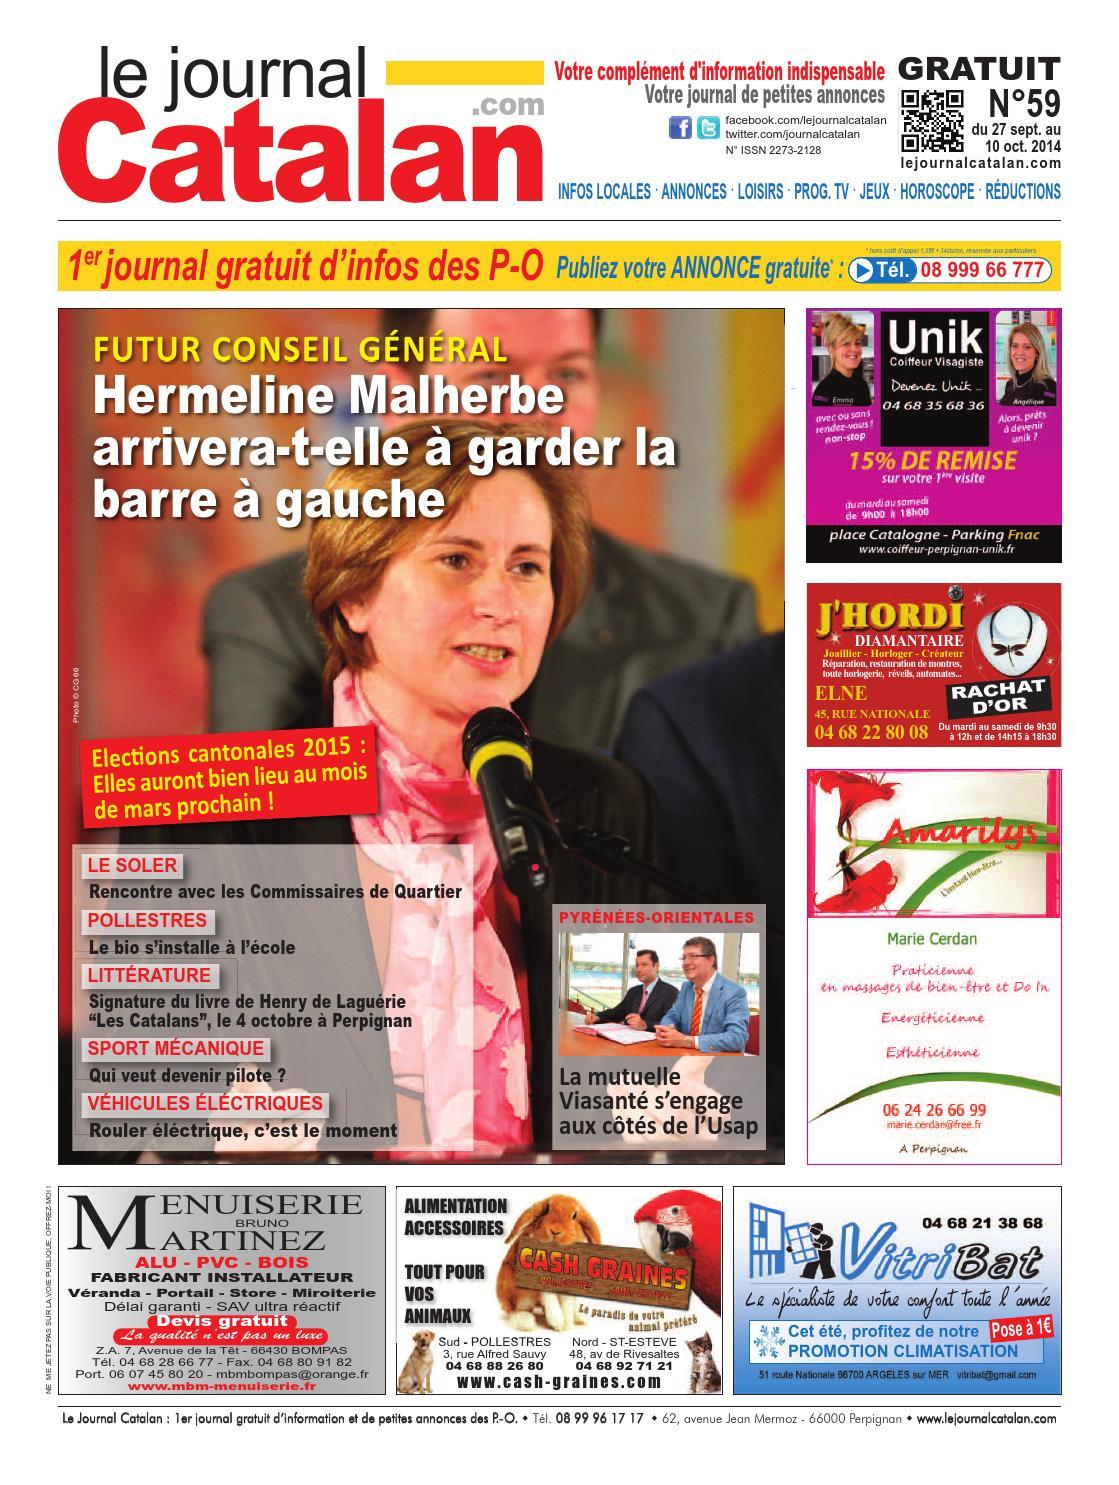 le journal catalan n 59 premier journal gratuit d 39 informations et de petites annonces des po by. Black Bedroom Furniture Sets. Home Design Ideas